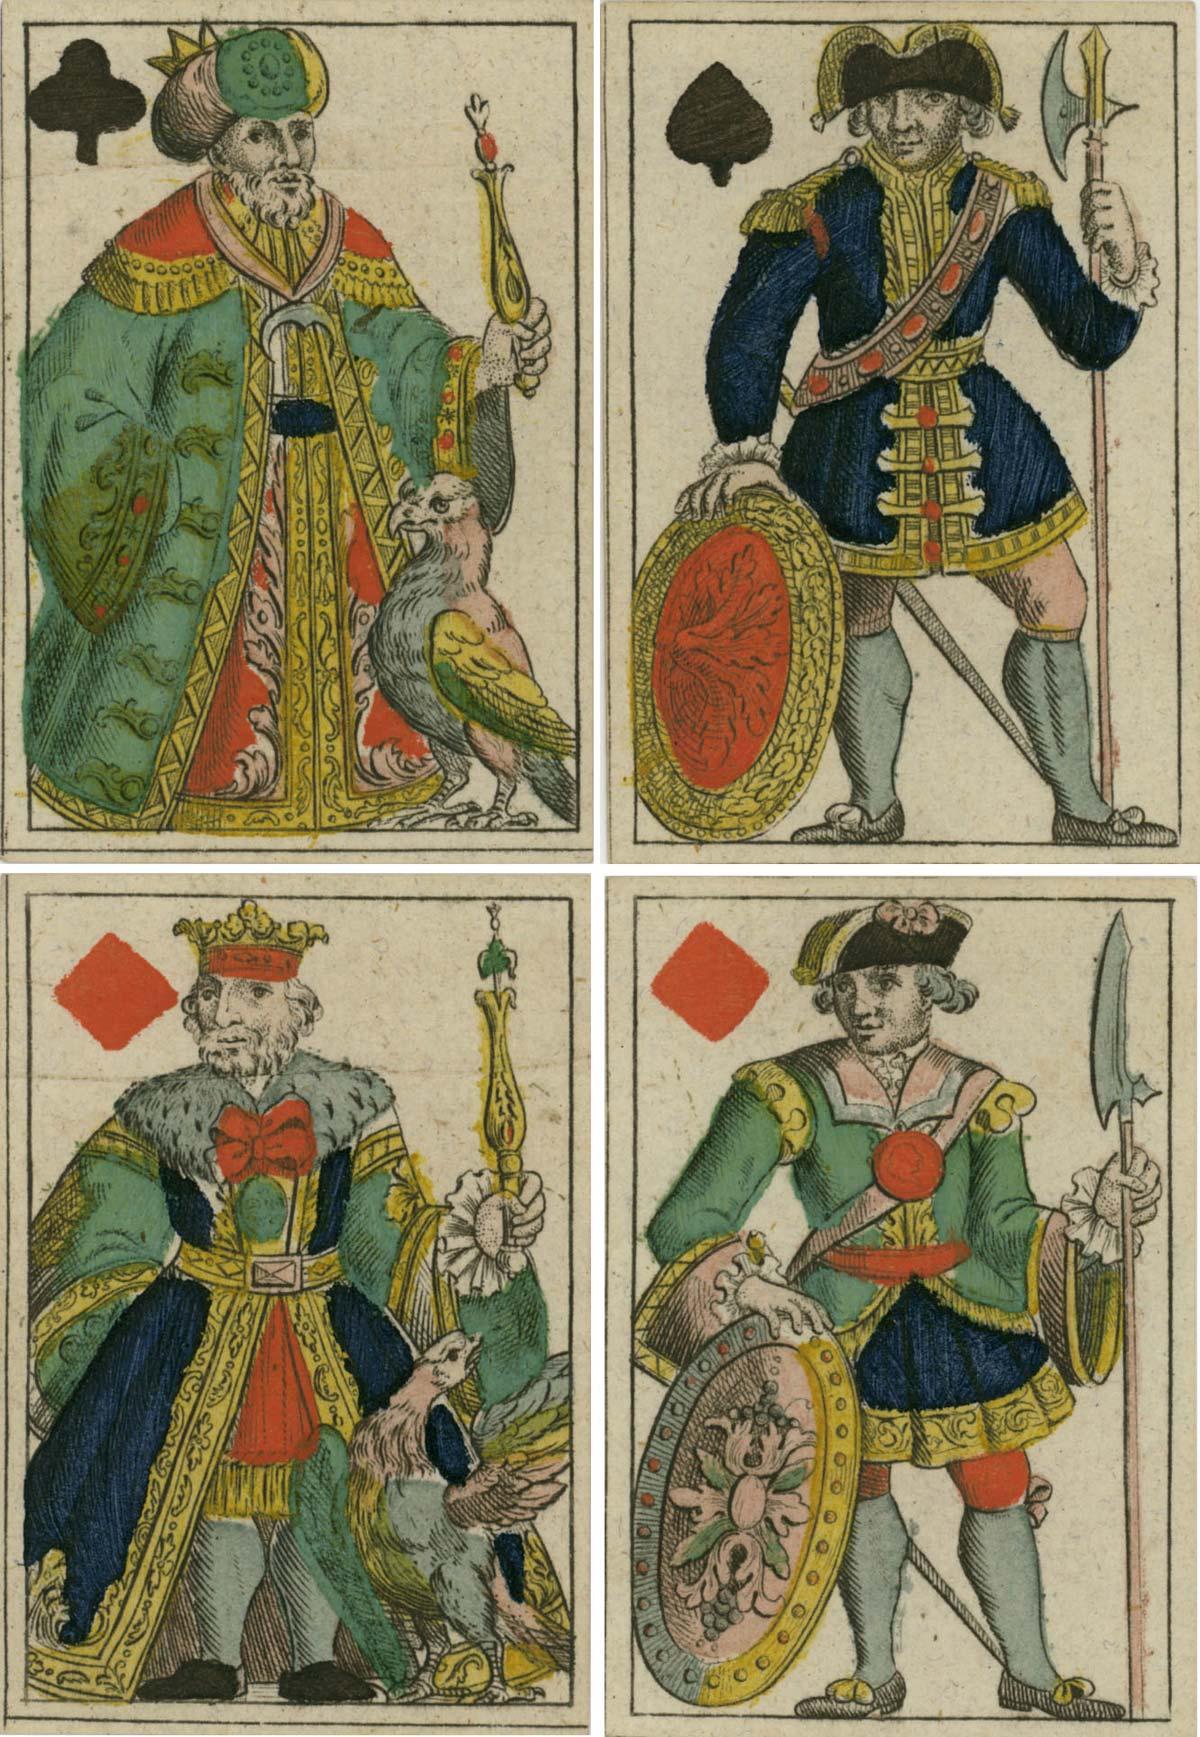 Chur Ober-Pfälzische Französisch Karten by Joseph Losch, c1800